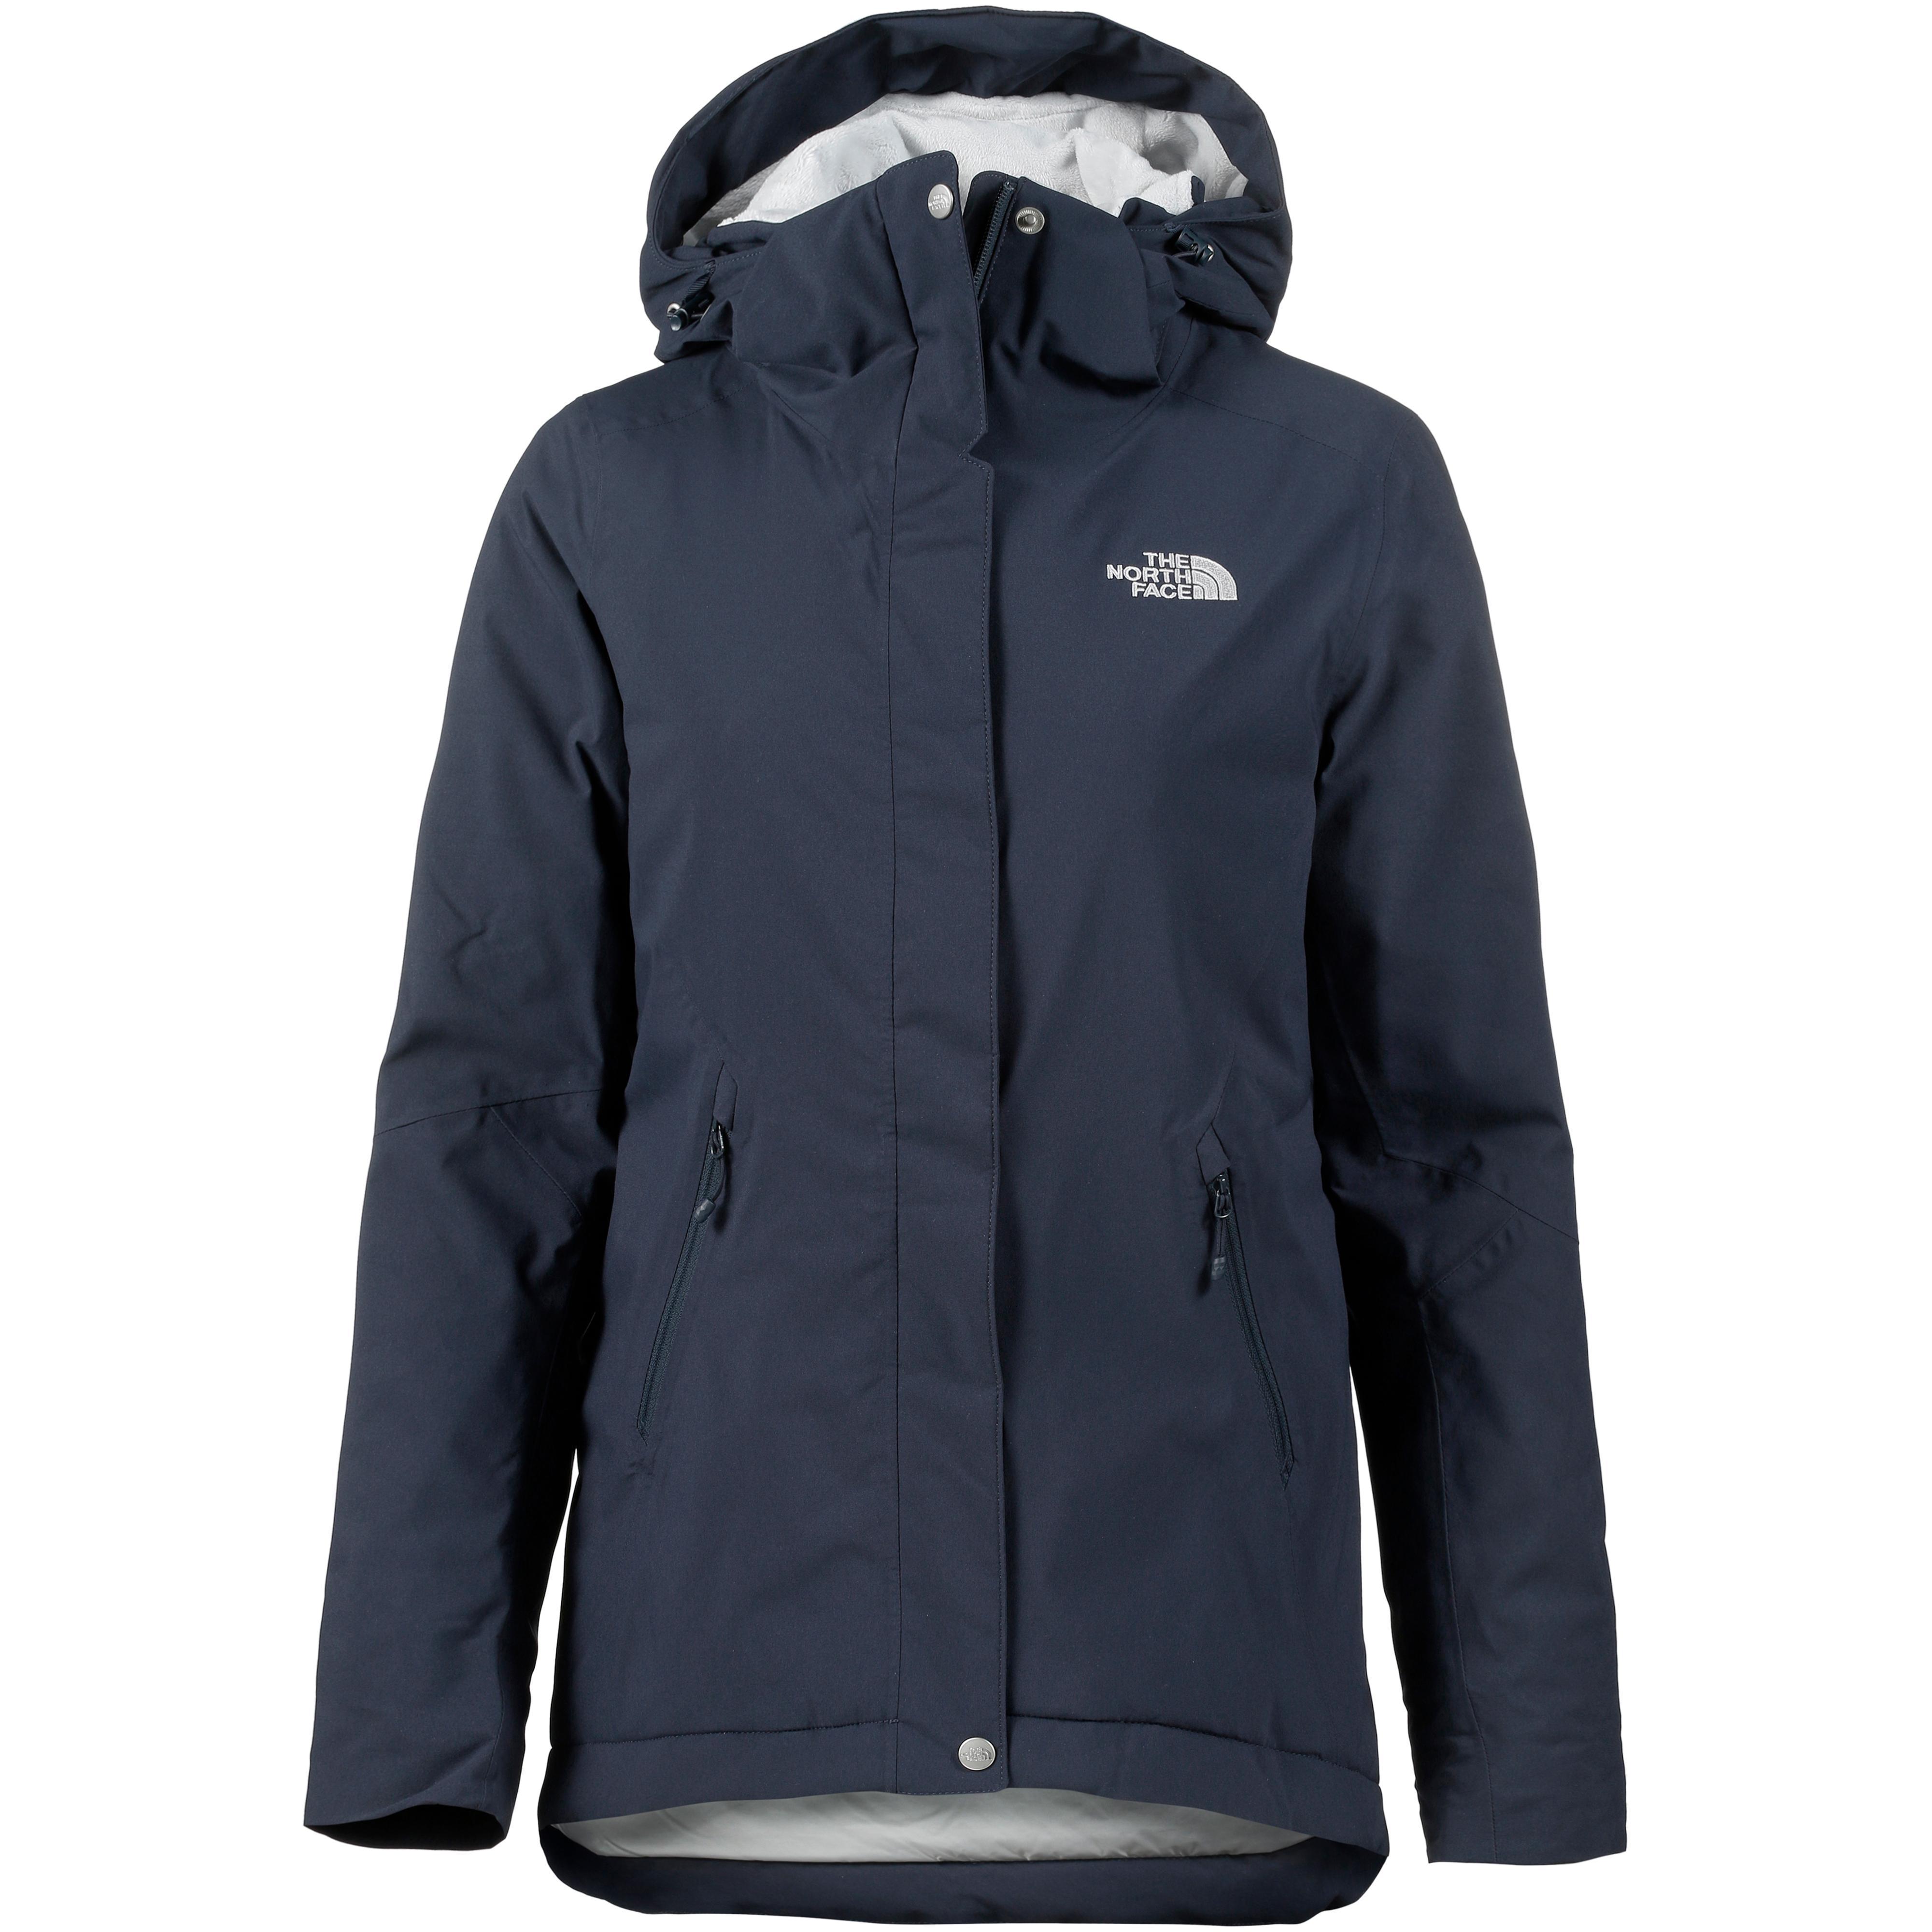 052ef510f4bd93 The North Face INLUX INS Jacke Damen TNF BLACK im Online Shop von  SportScheck kaufen